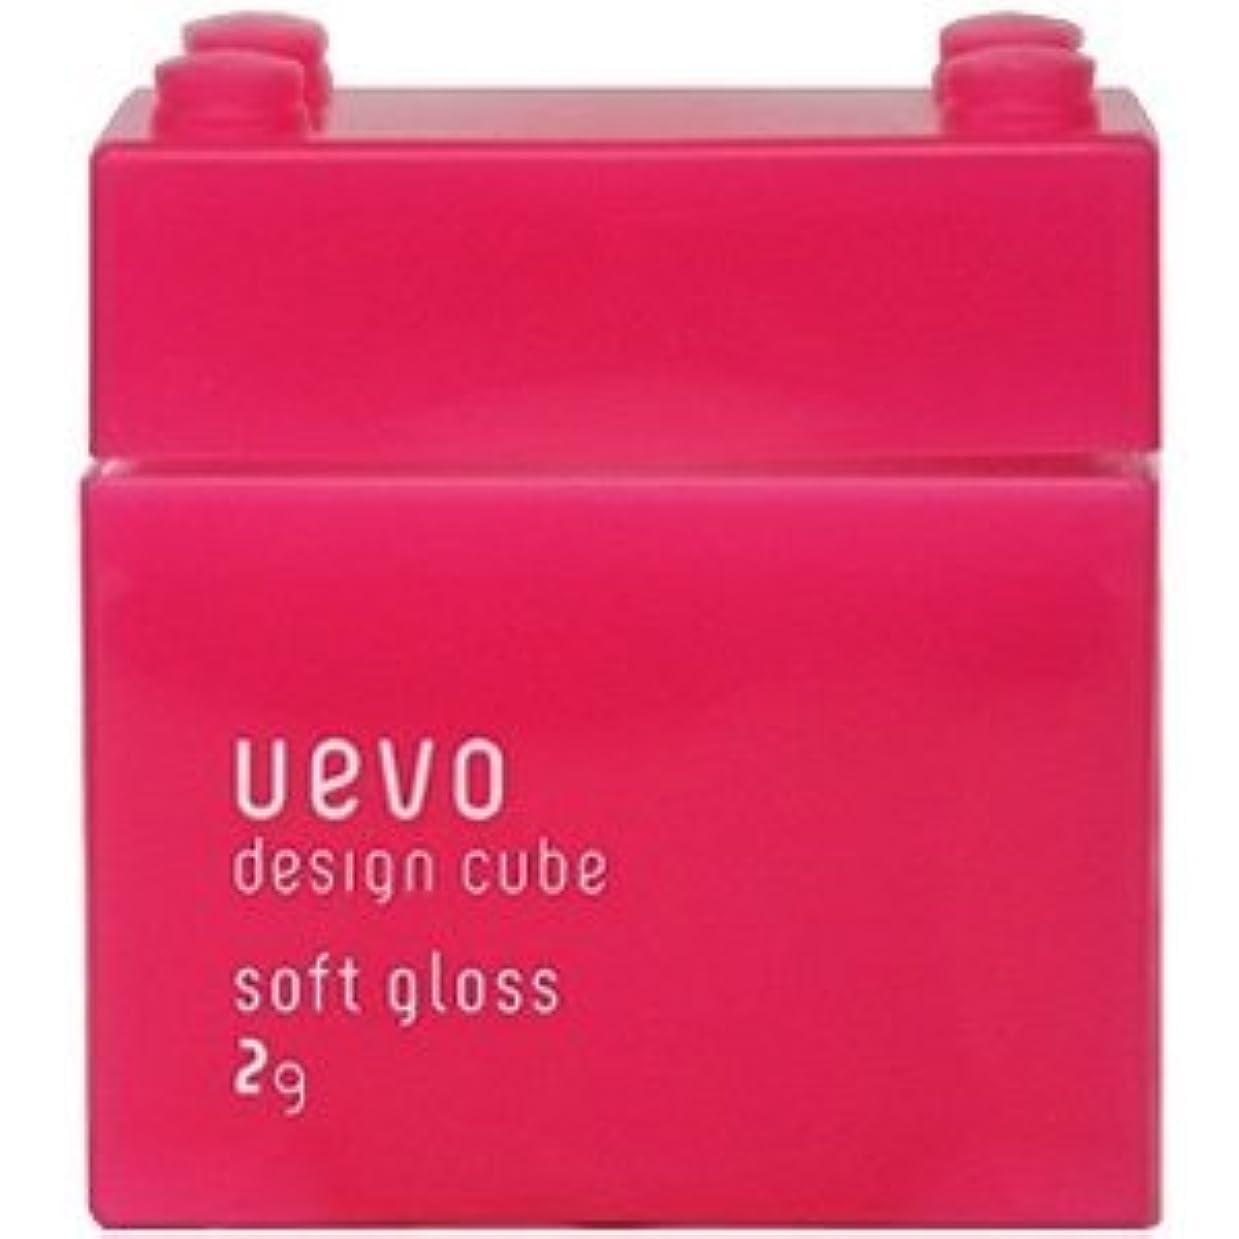 残忍なチキンやがて【X2個セット】 デミ ウェーボ デザインキューブ ソフトグロス 80g soft gloss DEMI uevo design cube